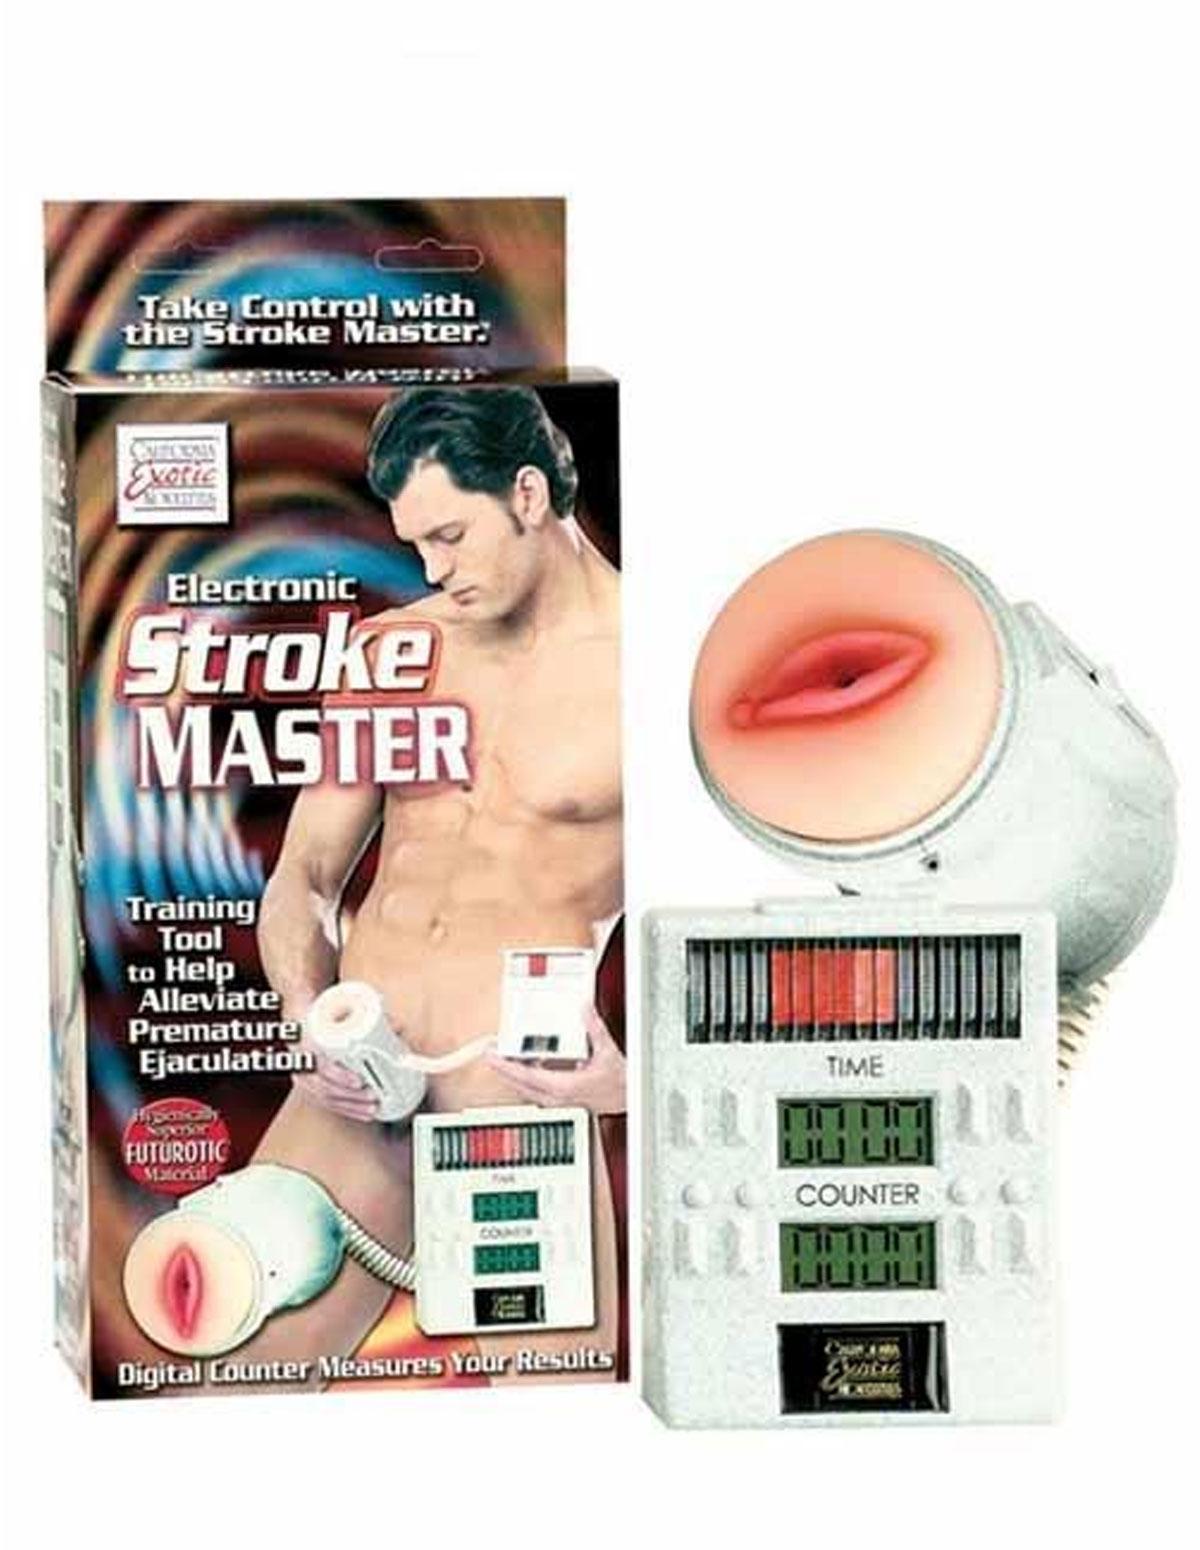 Electronic Stroke Master